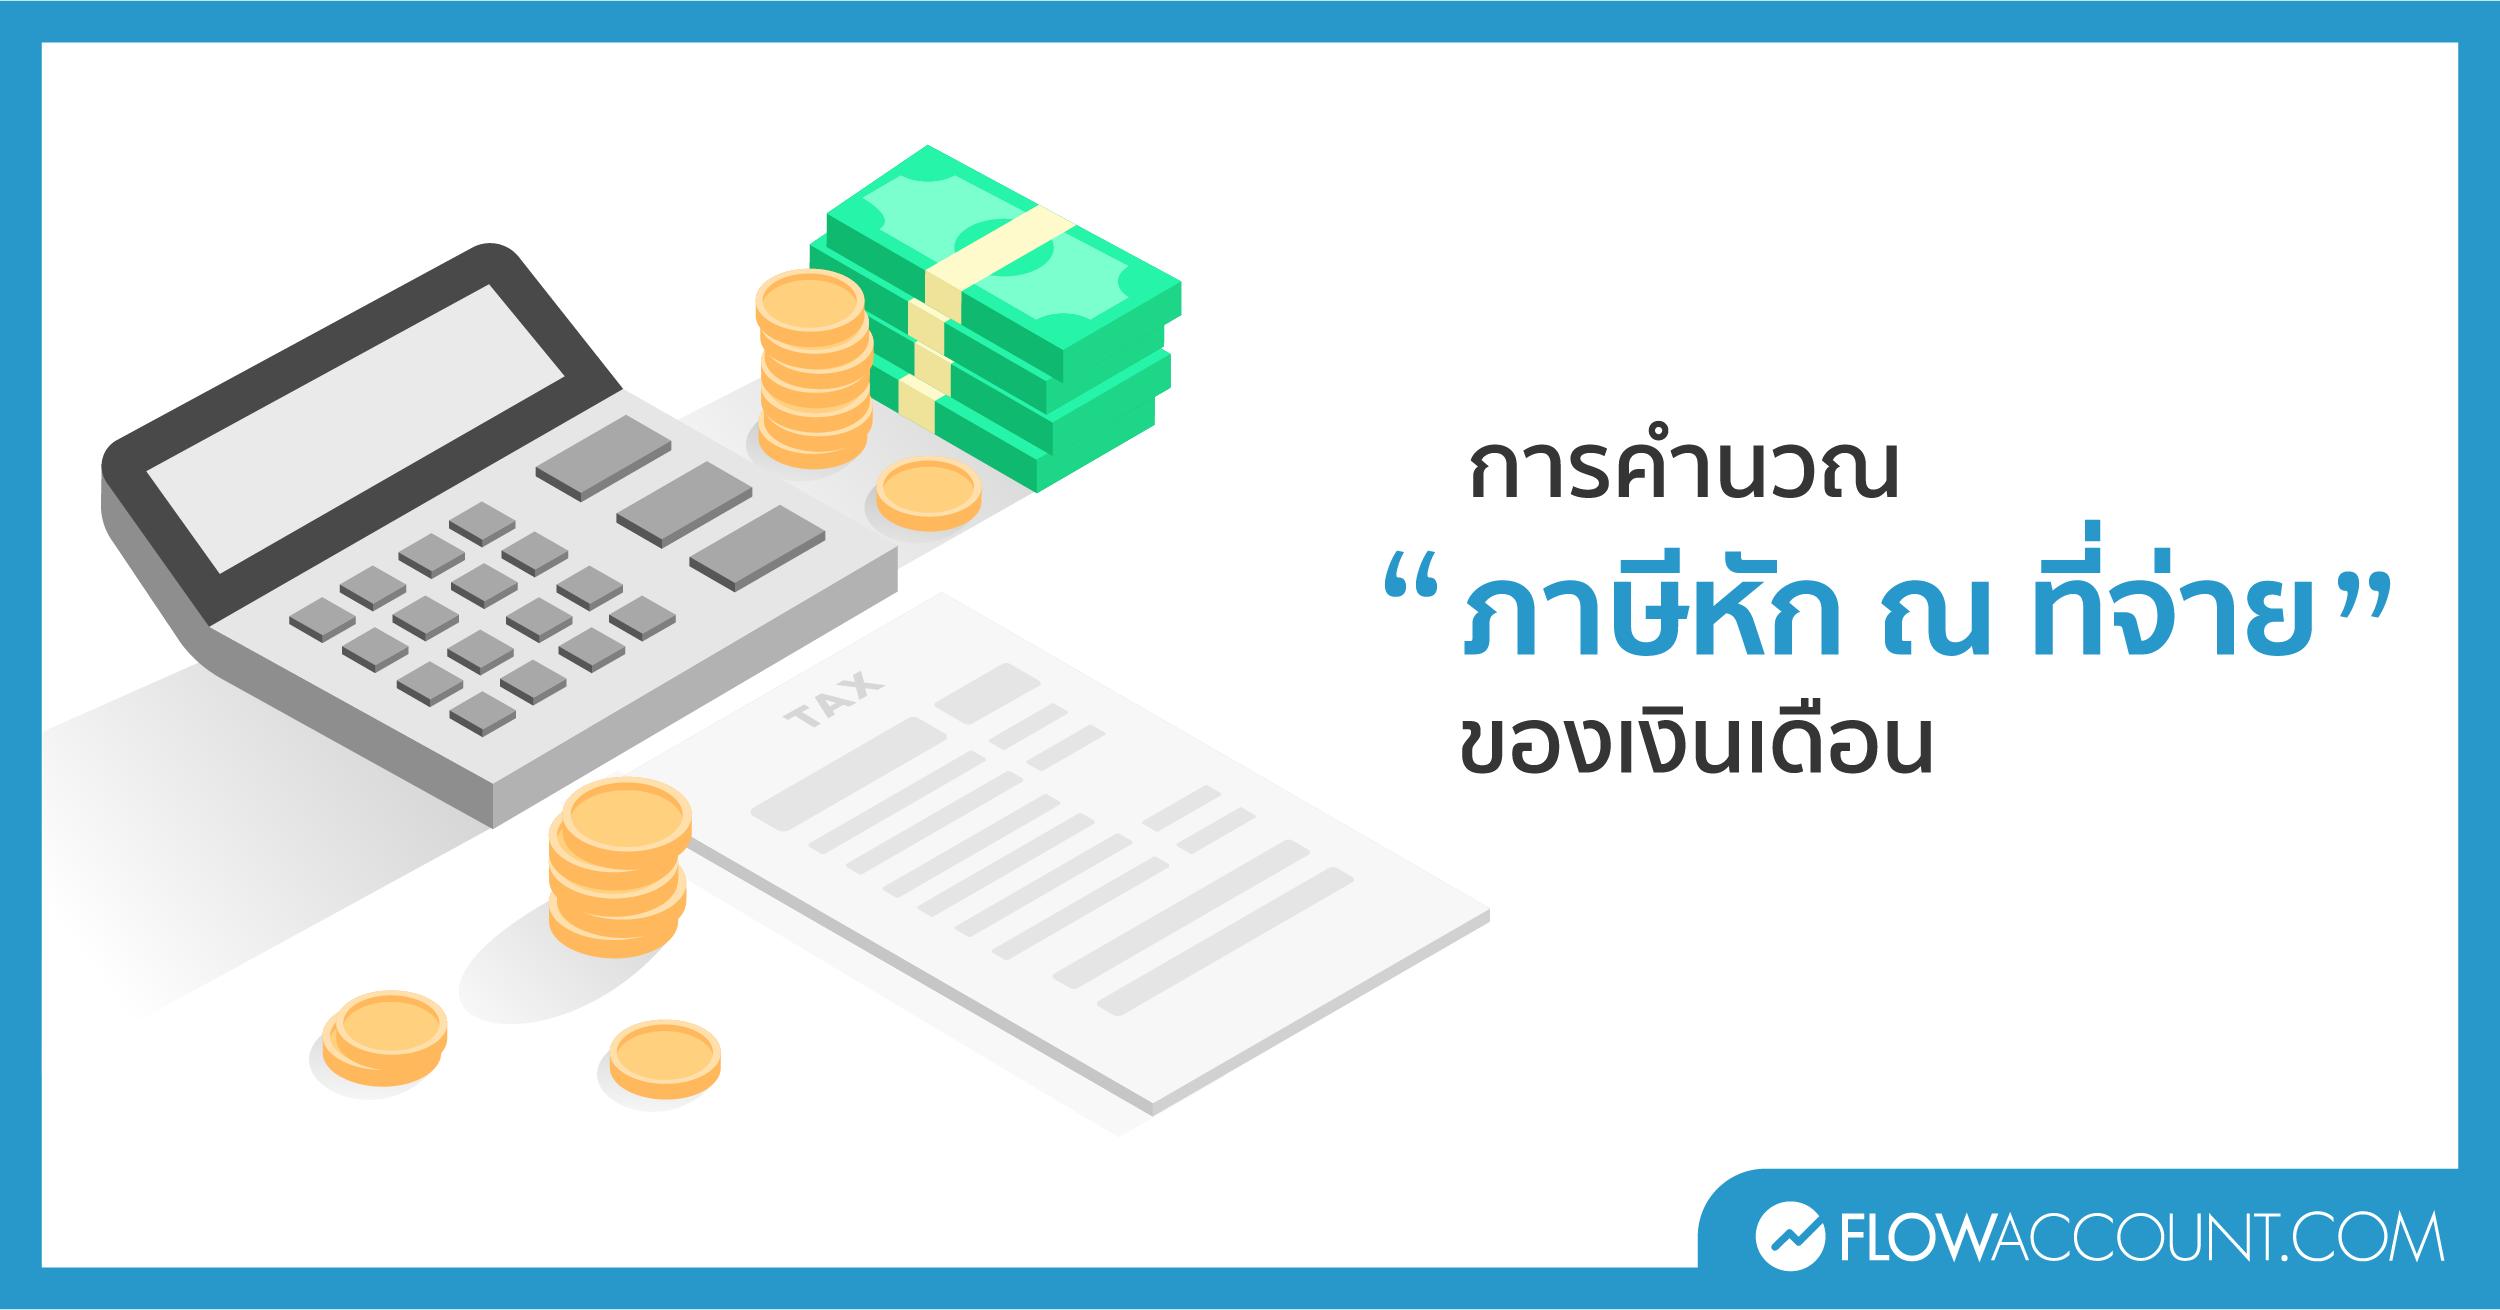 คำนวณภาษีหัก ณ ที่จ่ายเงินเดือน